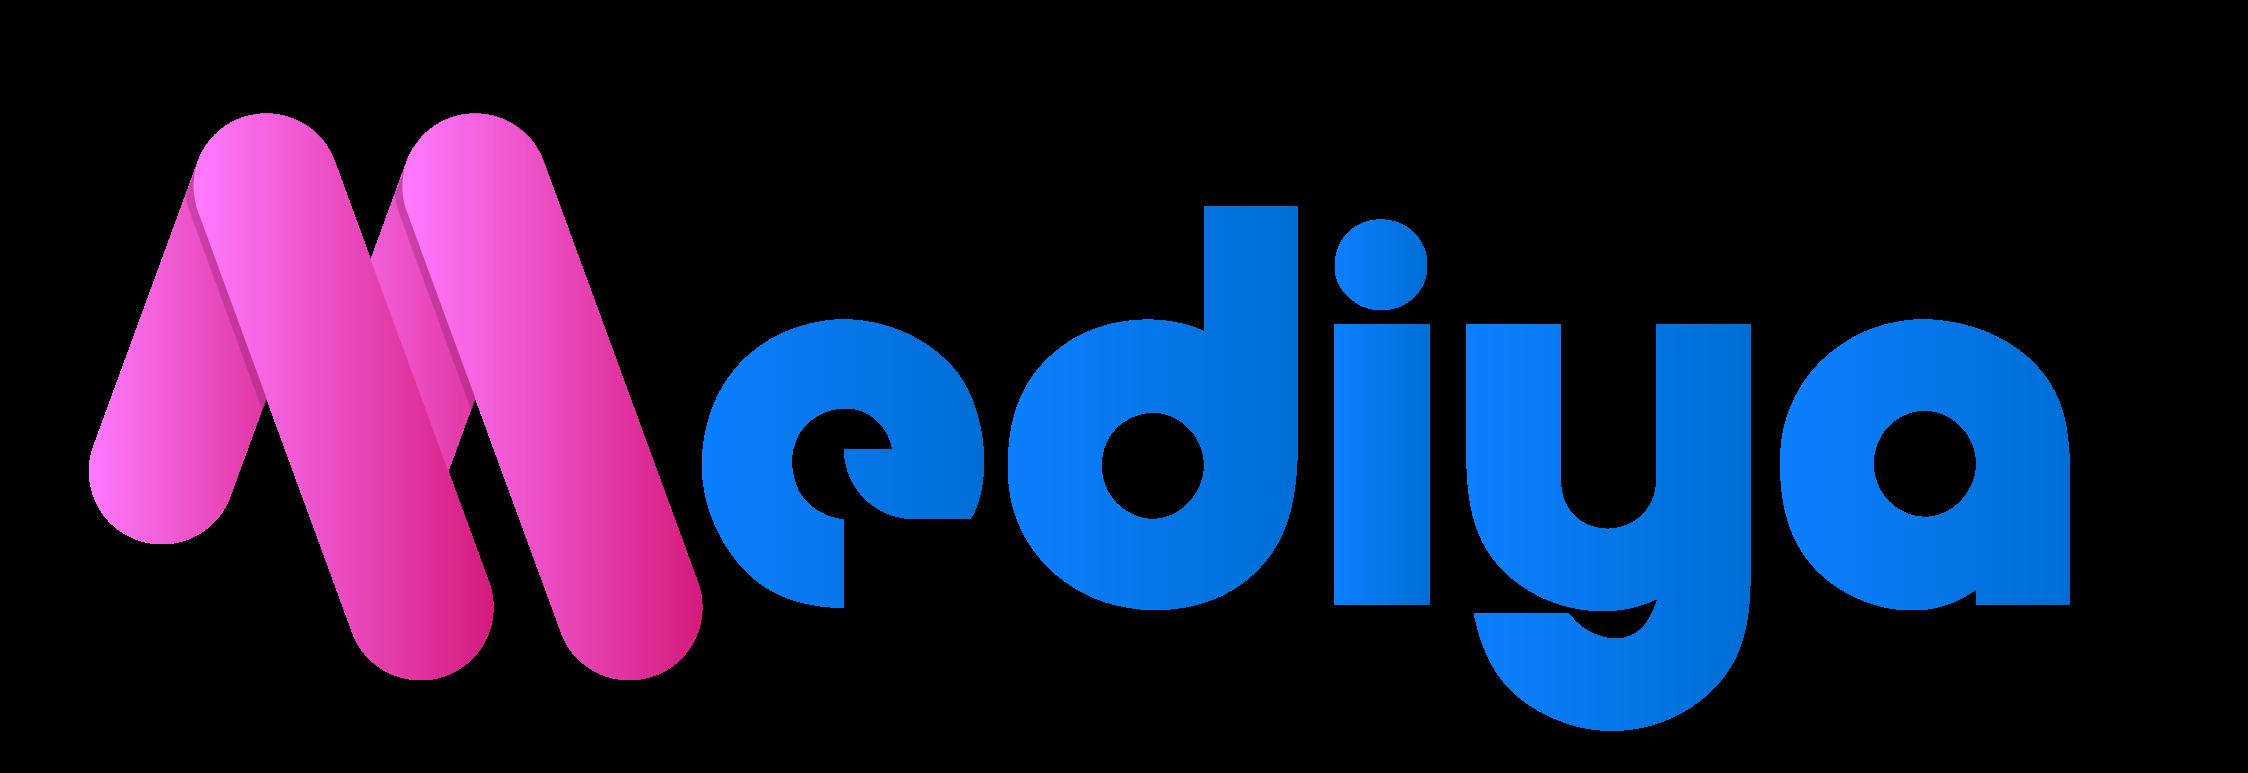 New-Mediya-logo